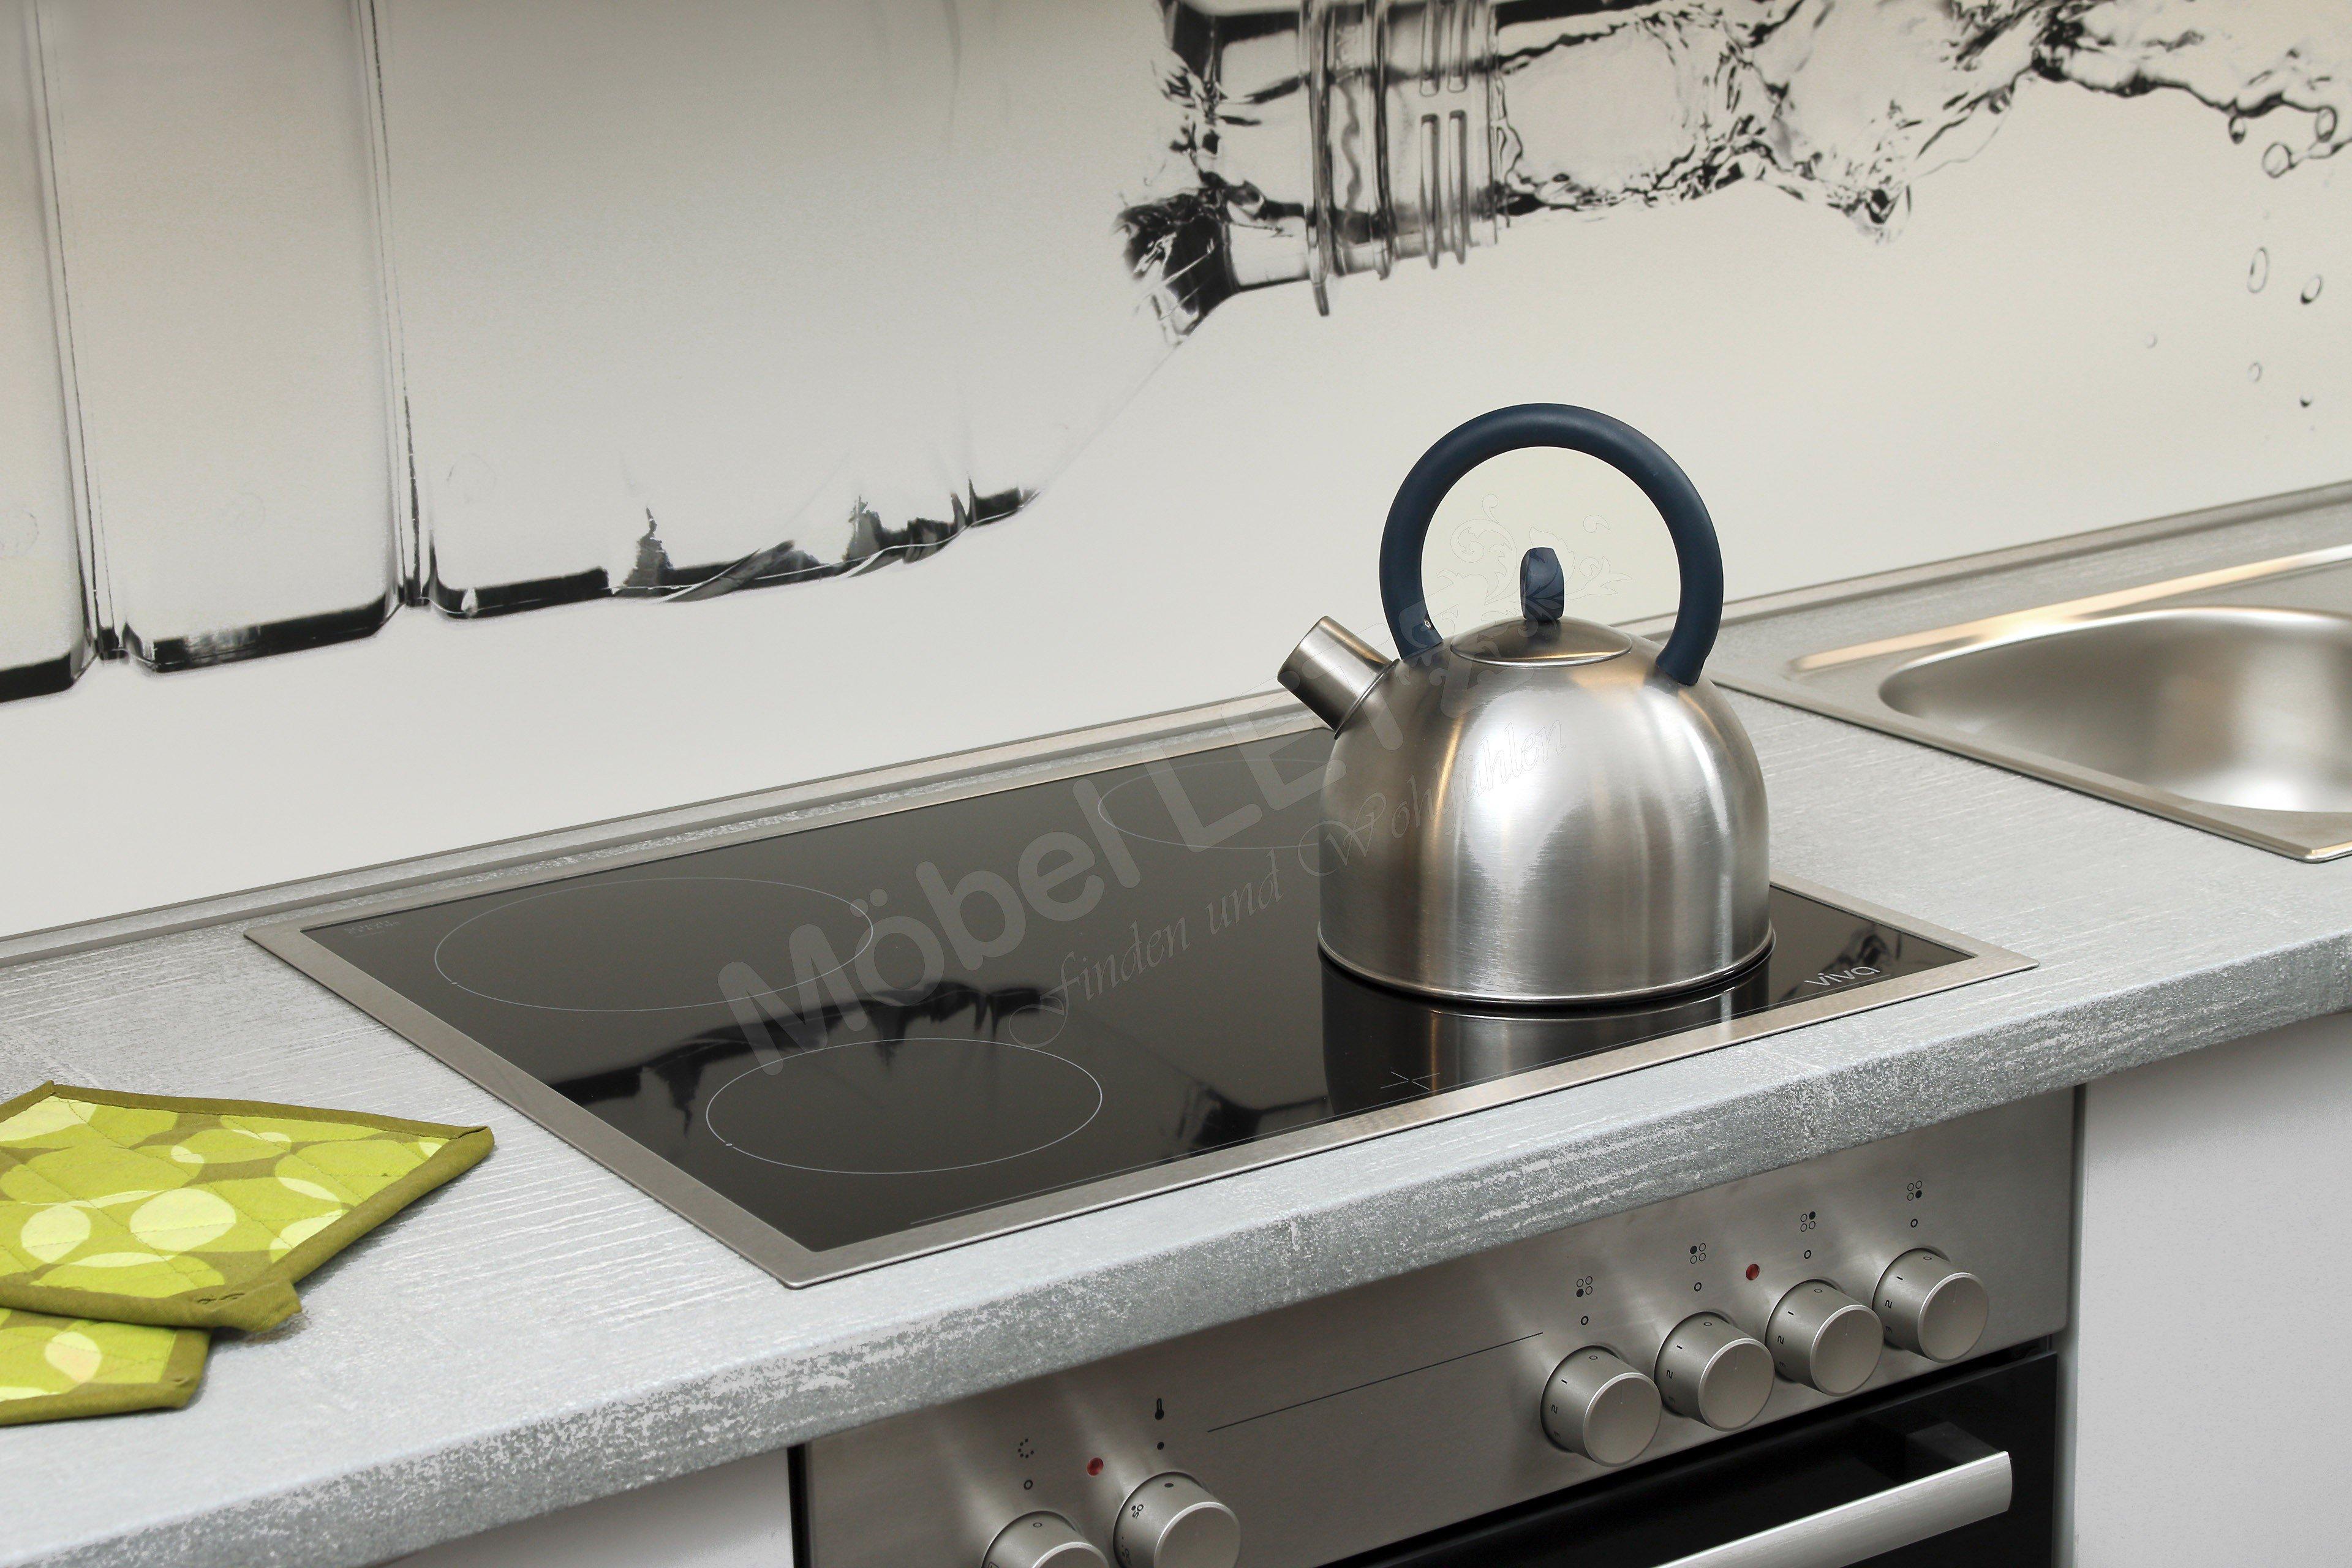 burger kuchen online kaufen beliebte rezepte von urlaub kuchen foto blog. Black Bedroom Furniture Sets. Home Design Ideas